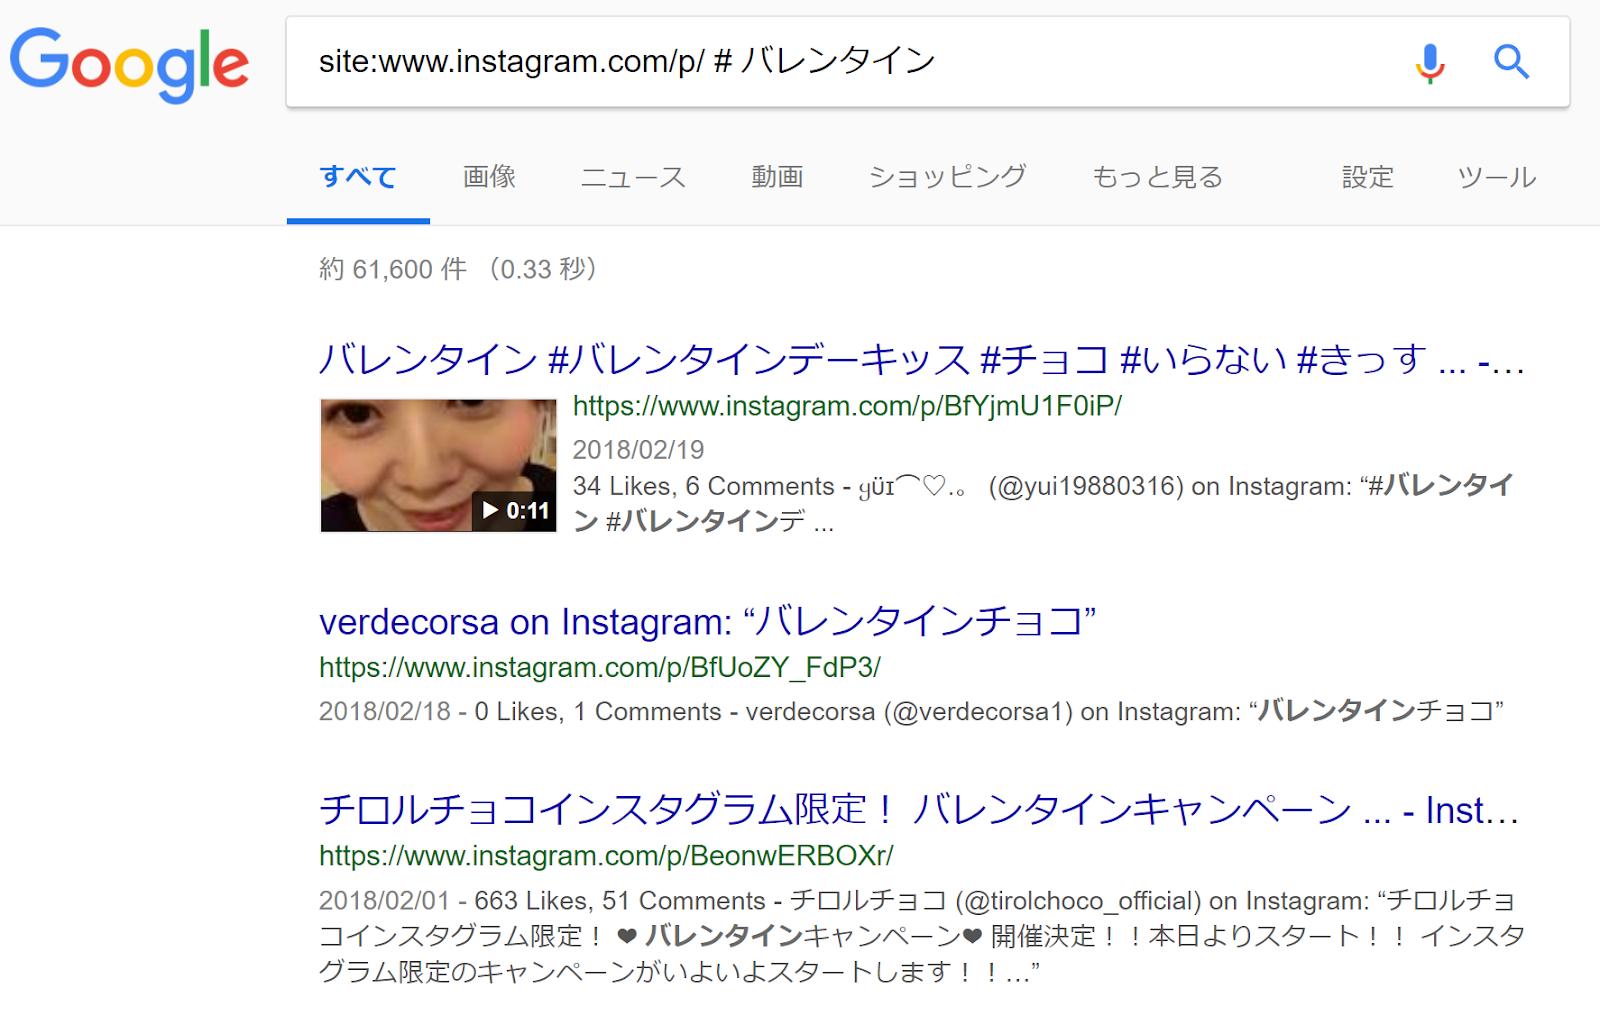 インスタ 画像 検索